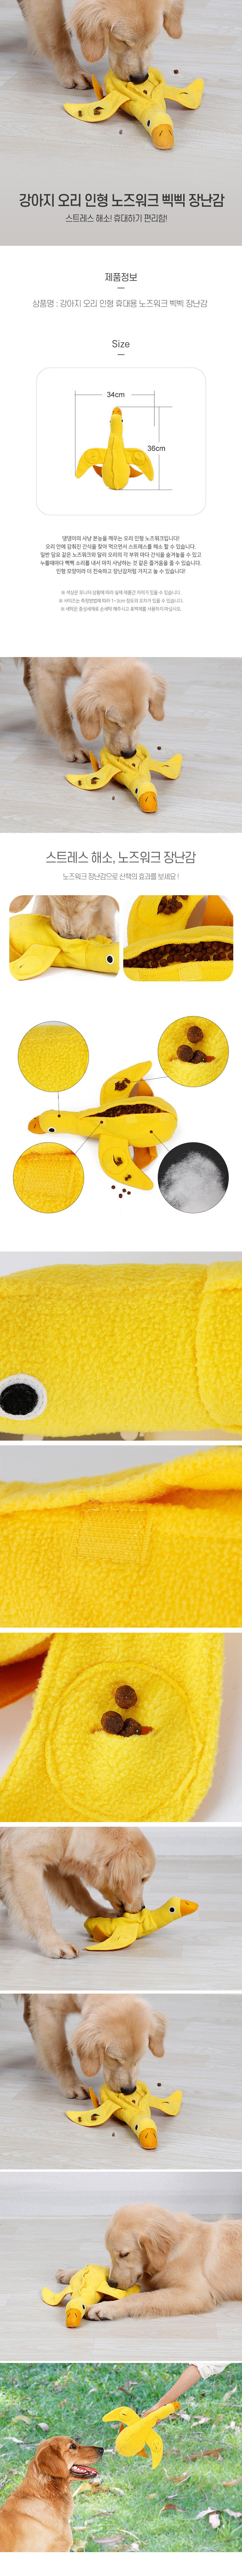 강아지 오리 인형 휴대용 킁킁 노즈워크 삑삑 장난감 - 멍뭉스, 11,250원, 장난감/훈련용품, 훈련용품